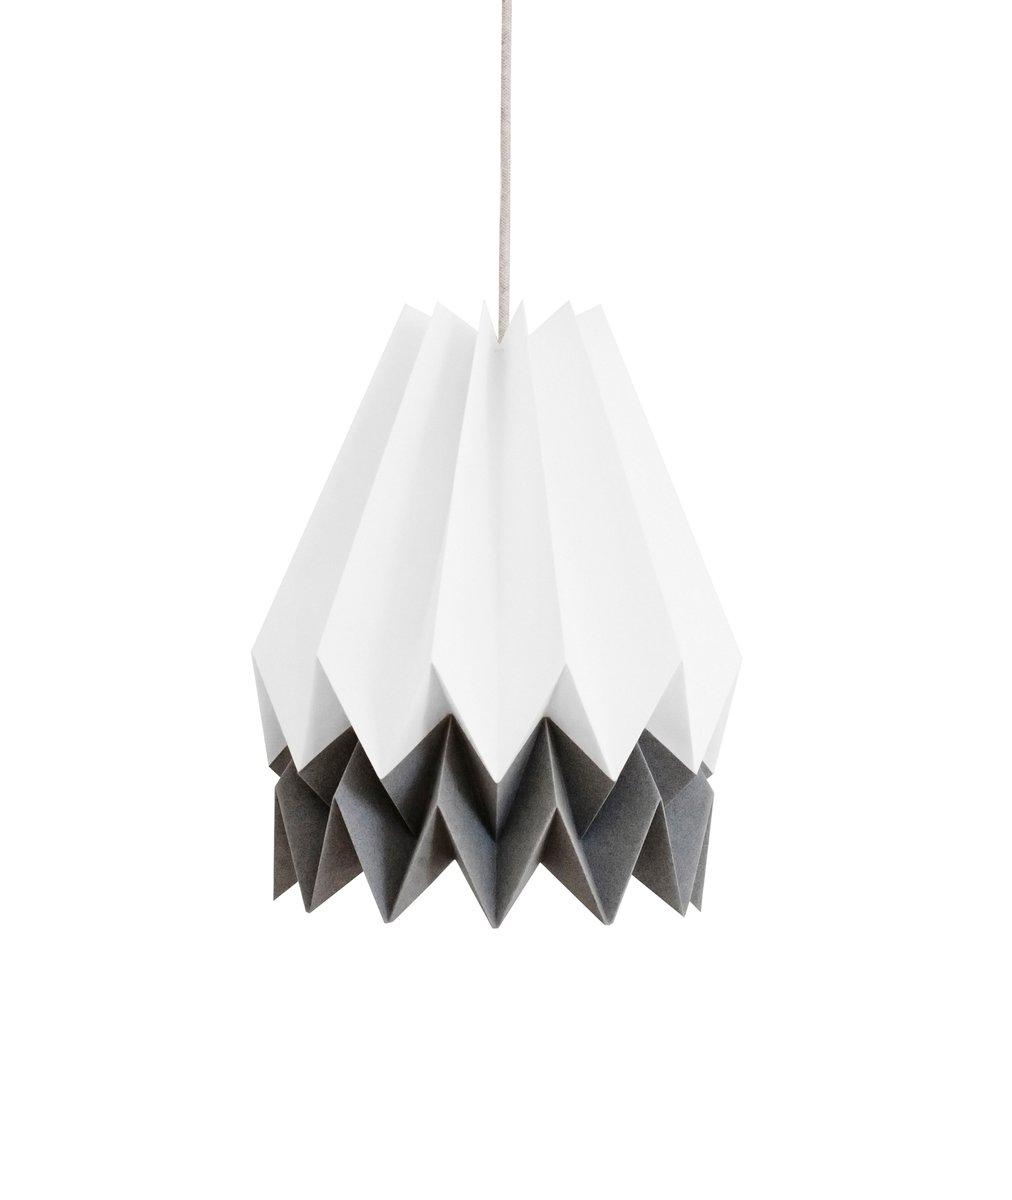 Polarweiße Origami Lampe mit anthrazitgrauem Streifen von Orikomi